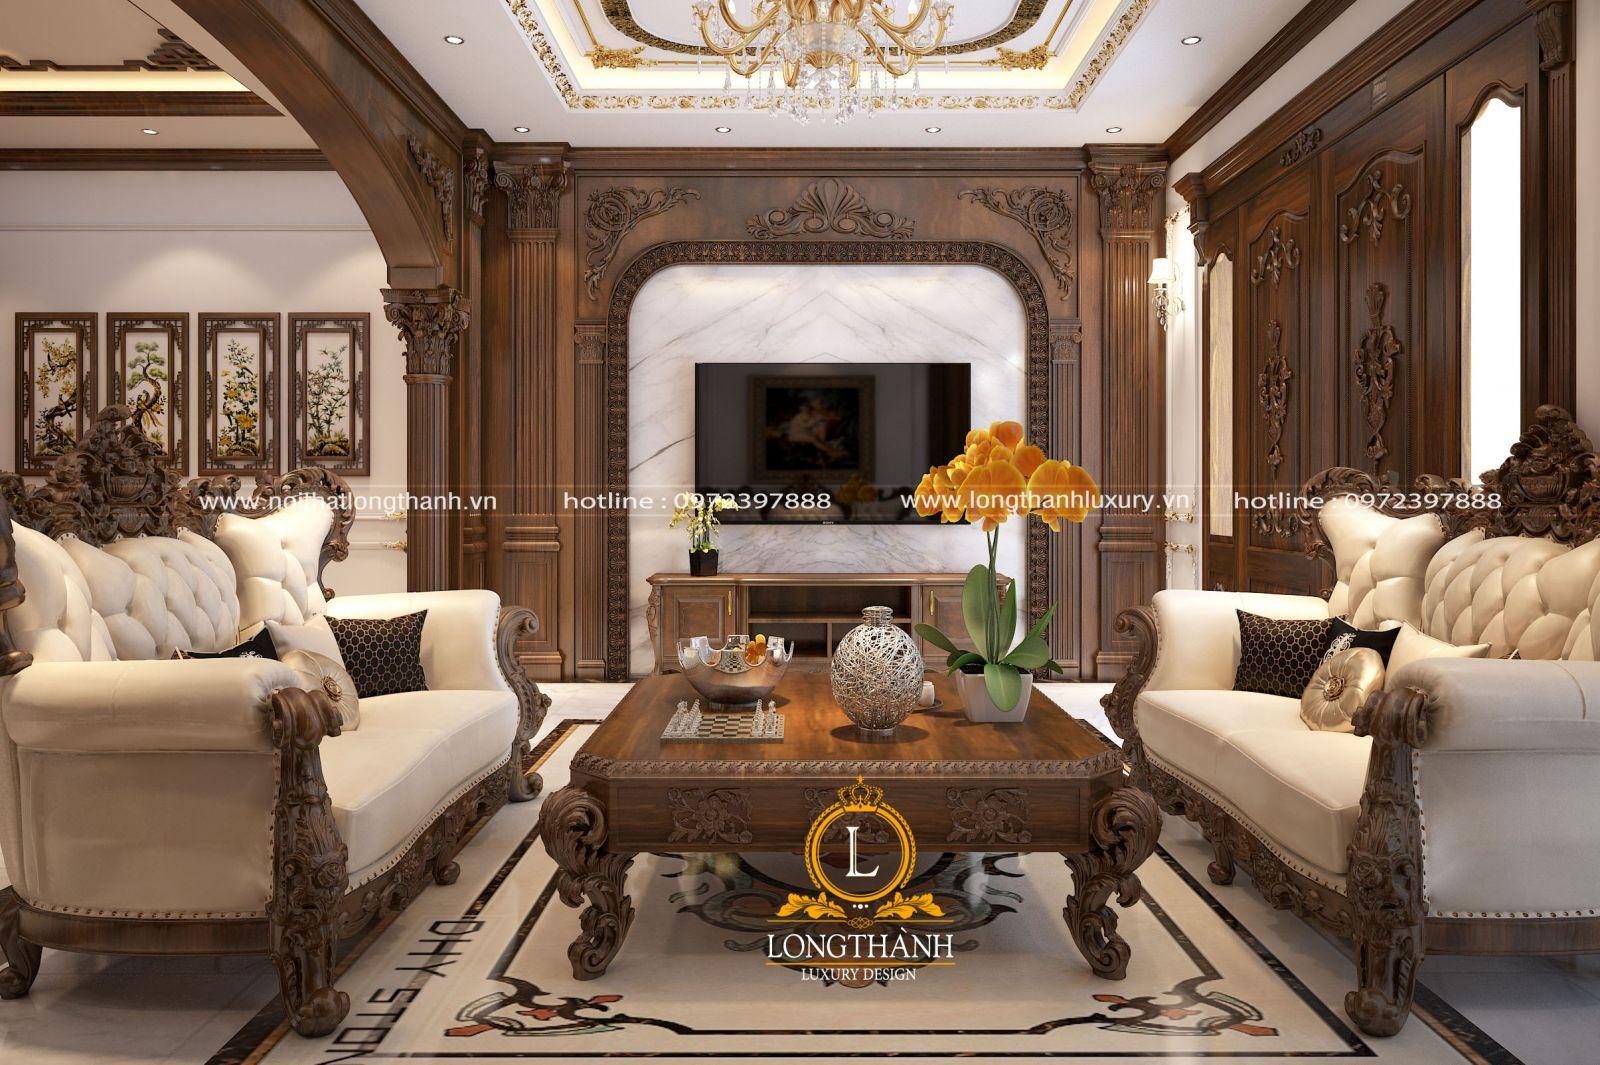 Bản thiết kế 3D phòng khách biệt thự nhà anh Nghiêm